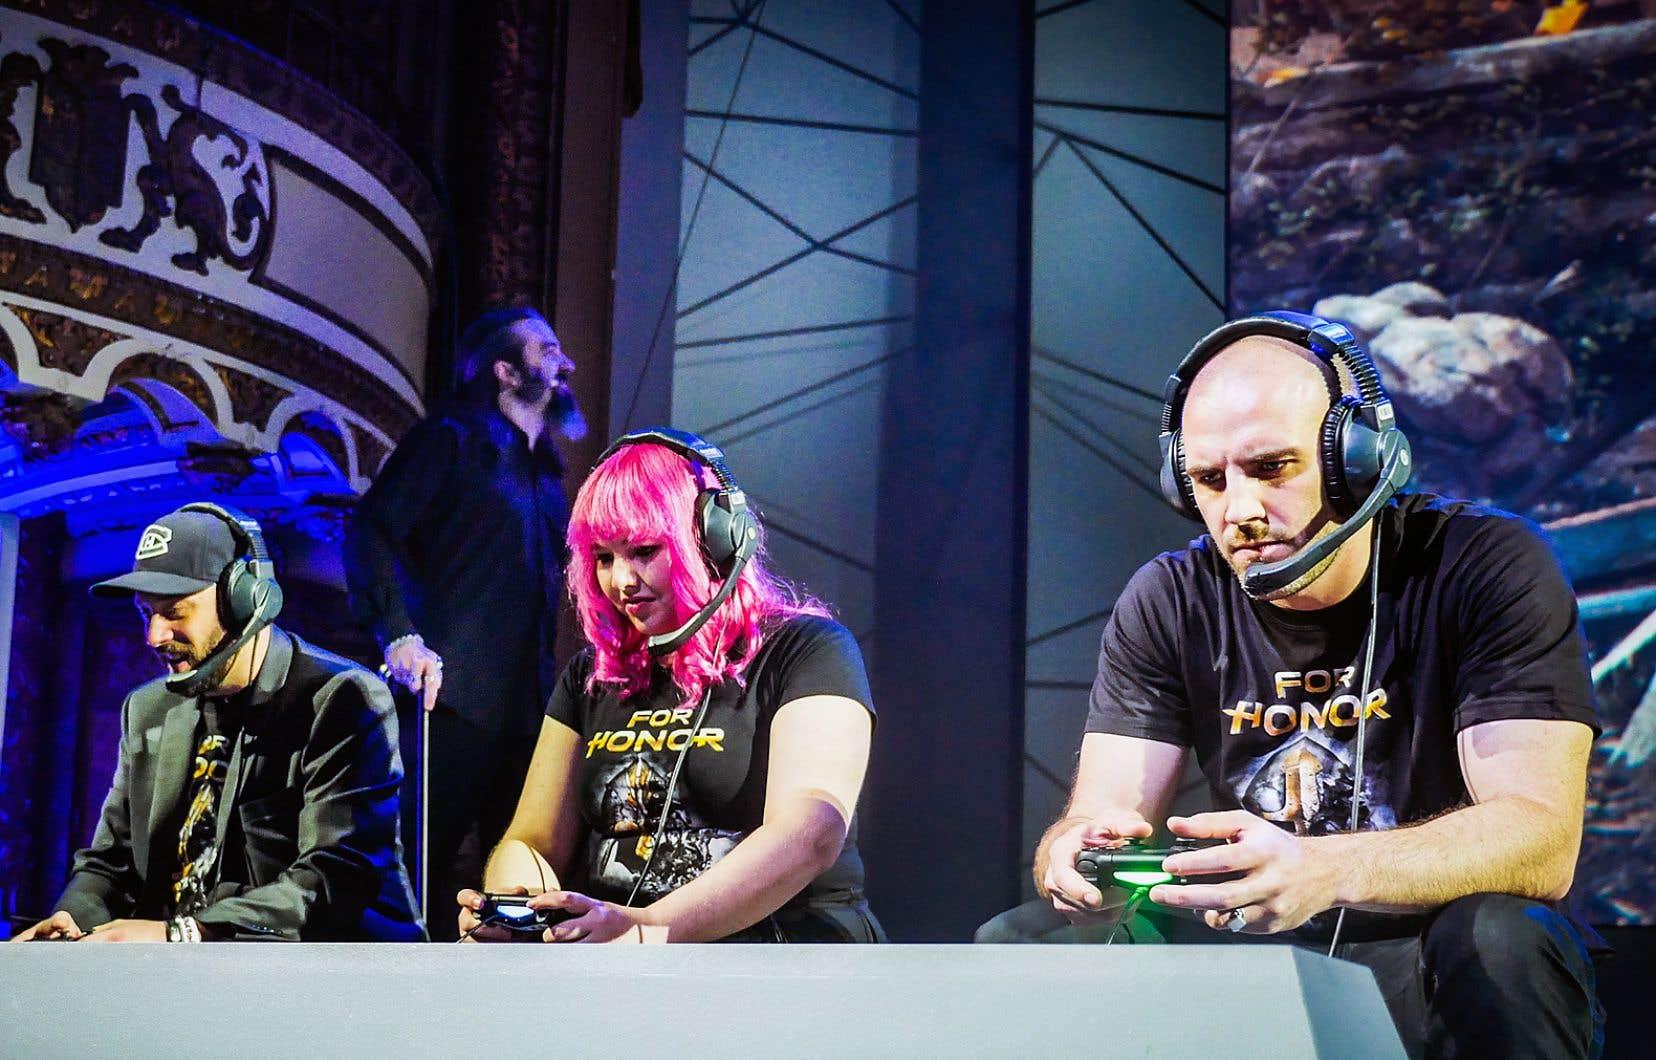 Des «gamers» s'affrontent à l'occasion d'une compétition au jeu «For Honor», conçu par Jason VandenBerghe.